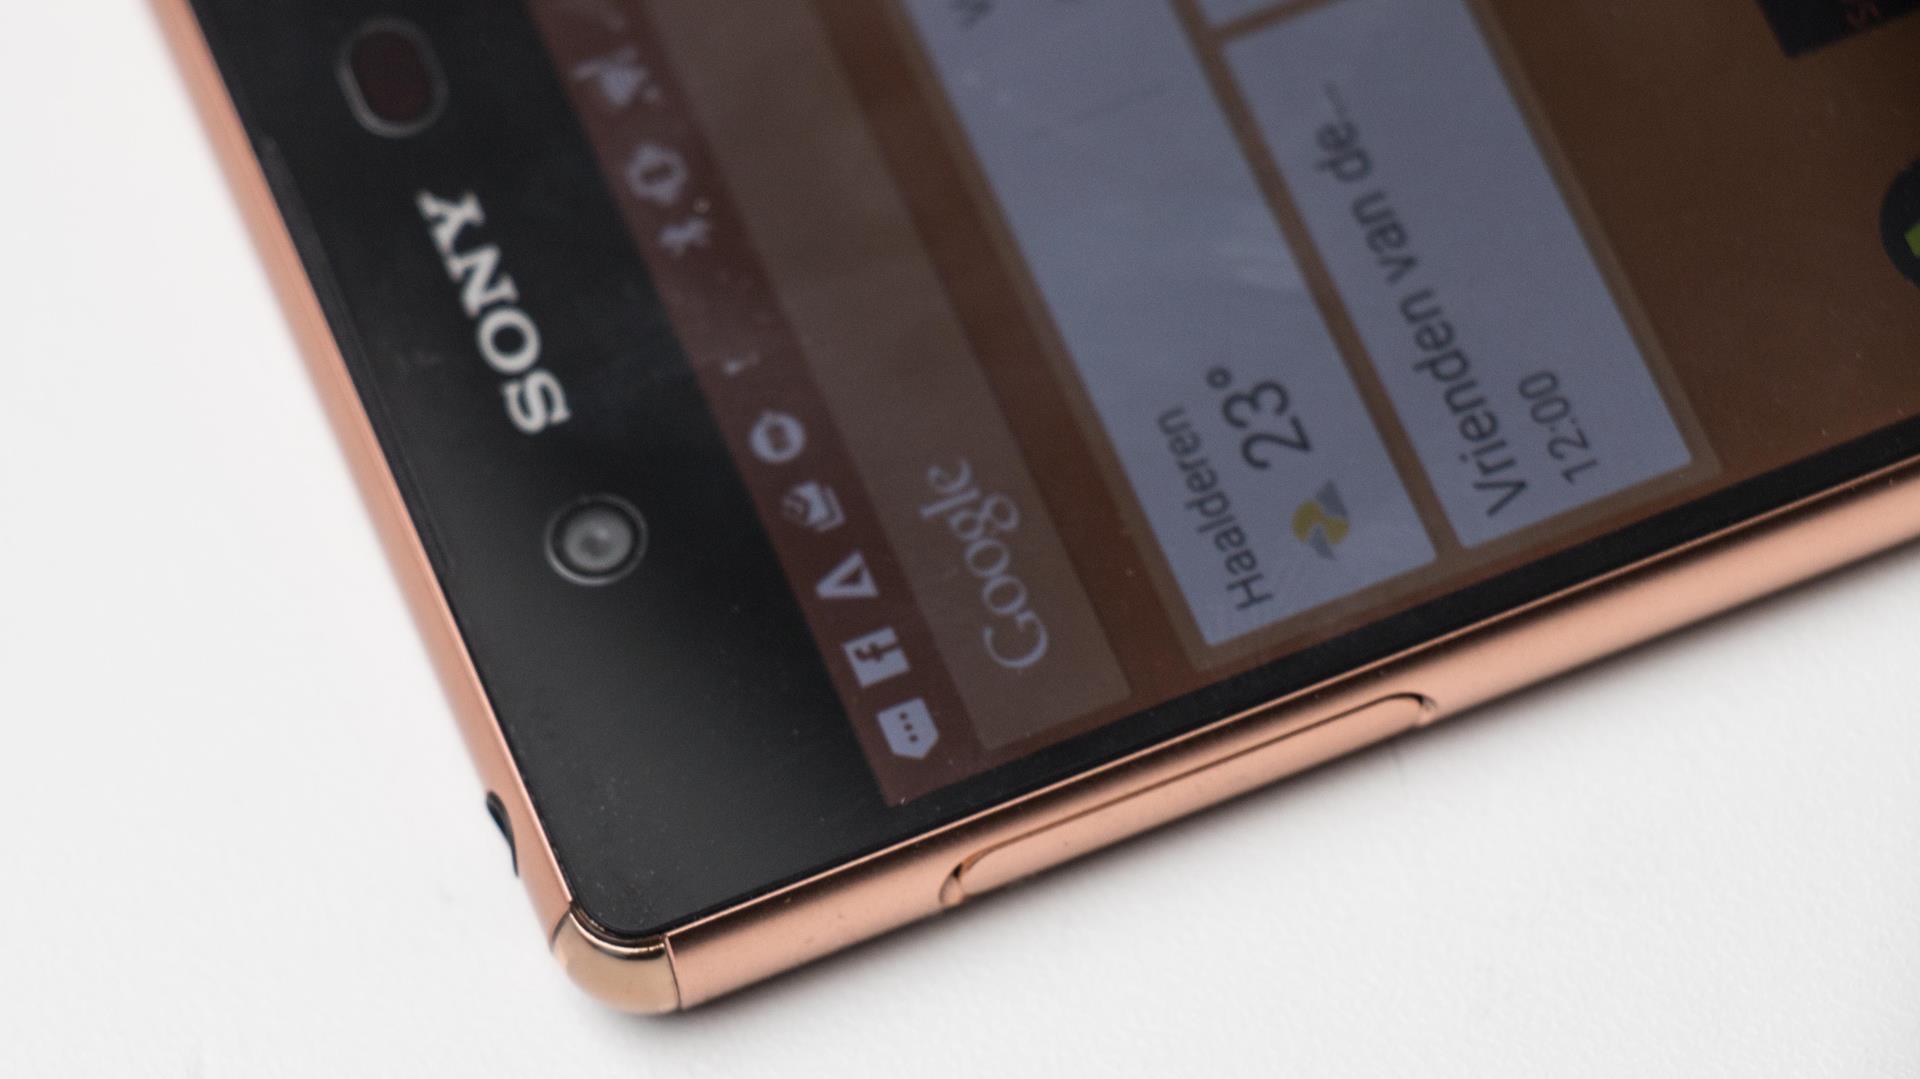 Sony Xperia Z3 Plus IMG_4167 (Copy)